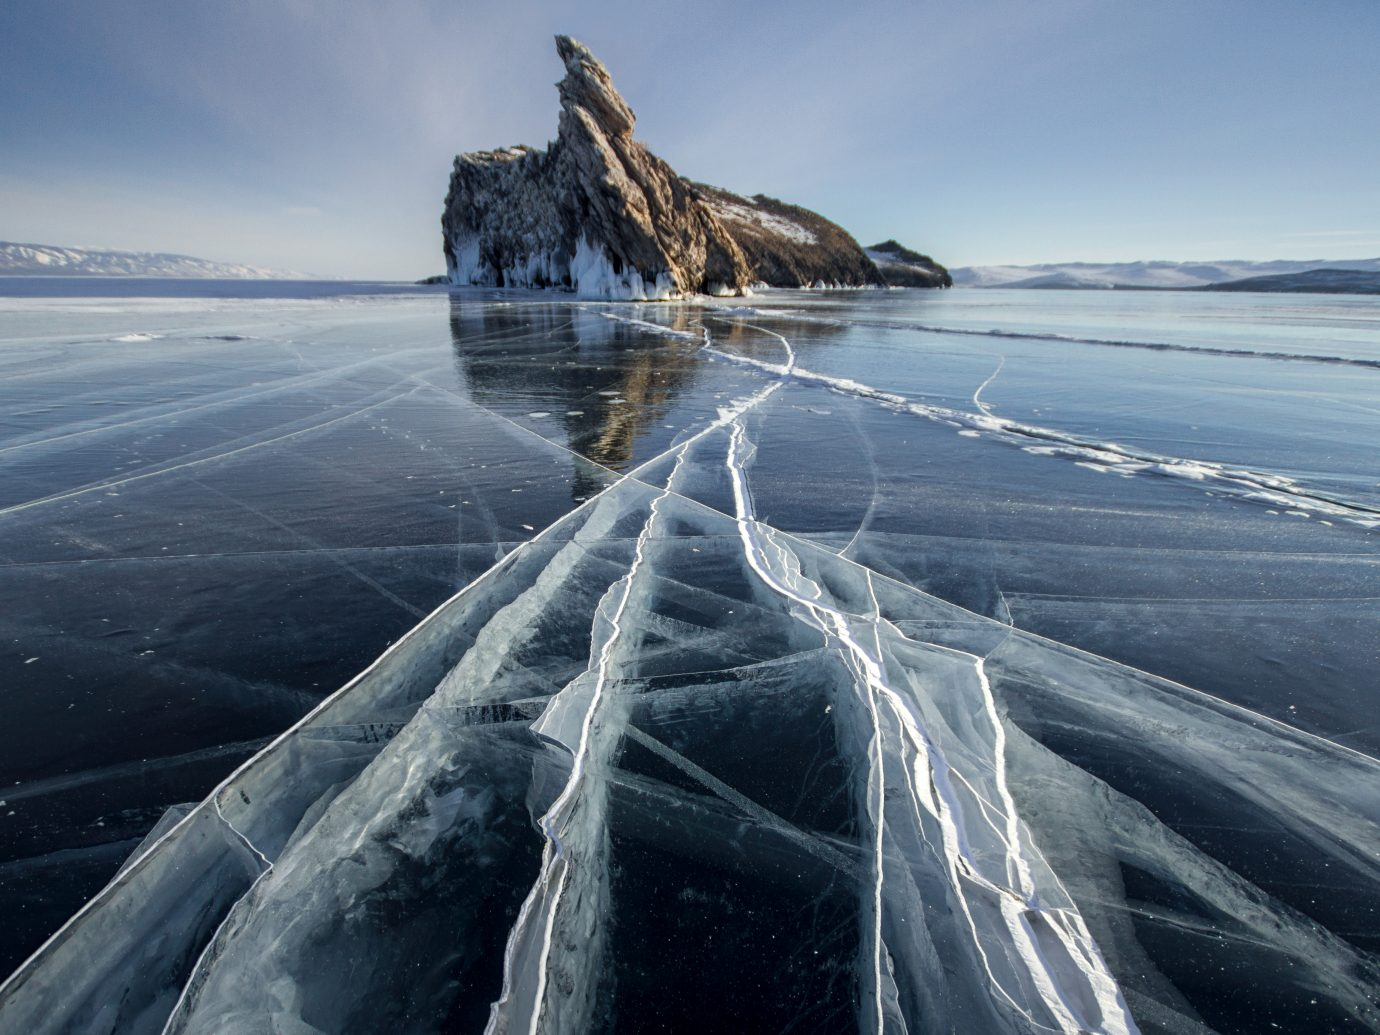 Lake Baikal on a frosty winter day.